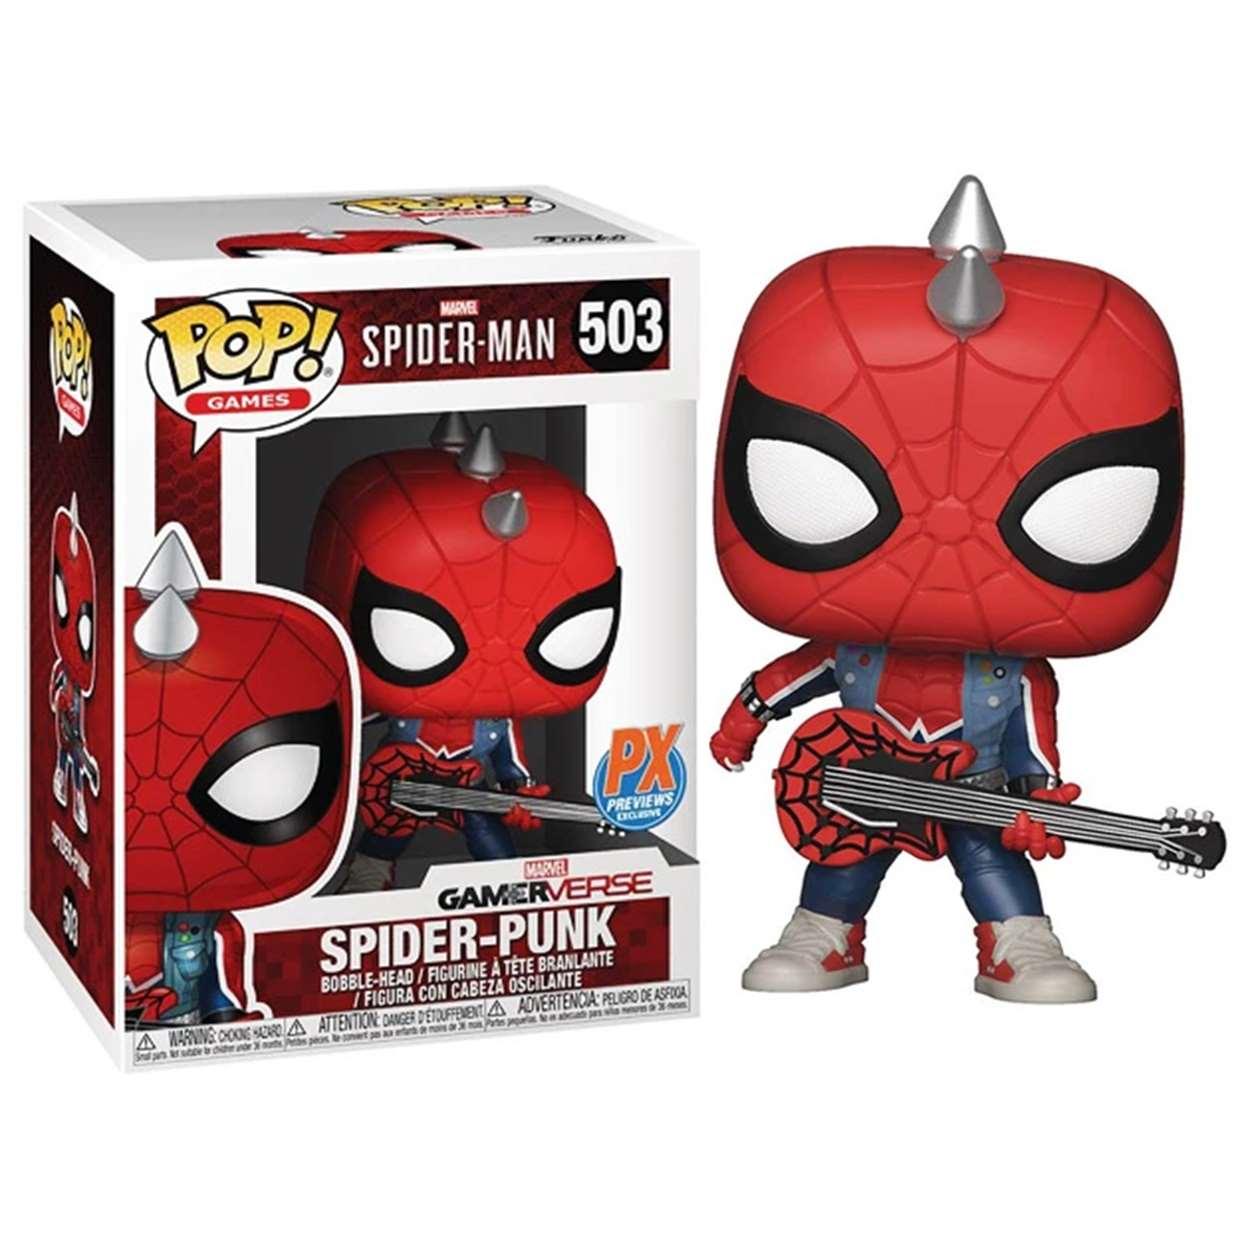 Spider Punk #503 Spiderman Gamerverse Funko Pop! Px Previews